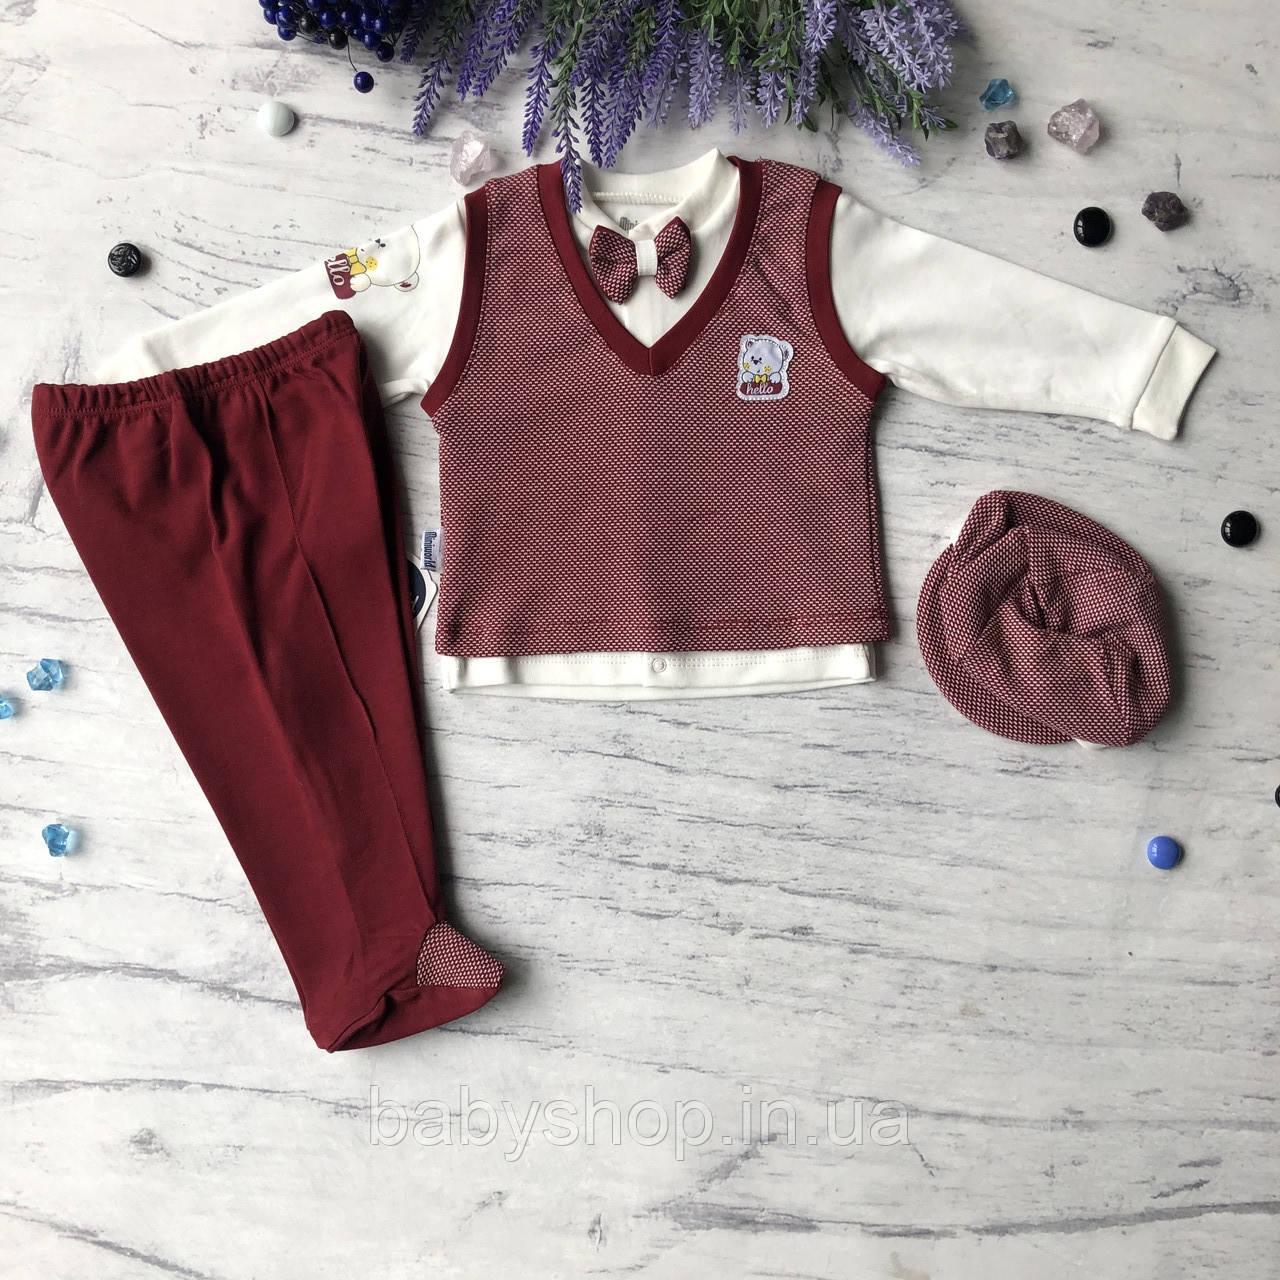 Крестильный костюм, набор джентльмен для мальчика Miniworld 10. Размер 68 см